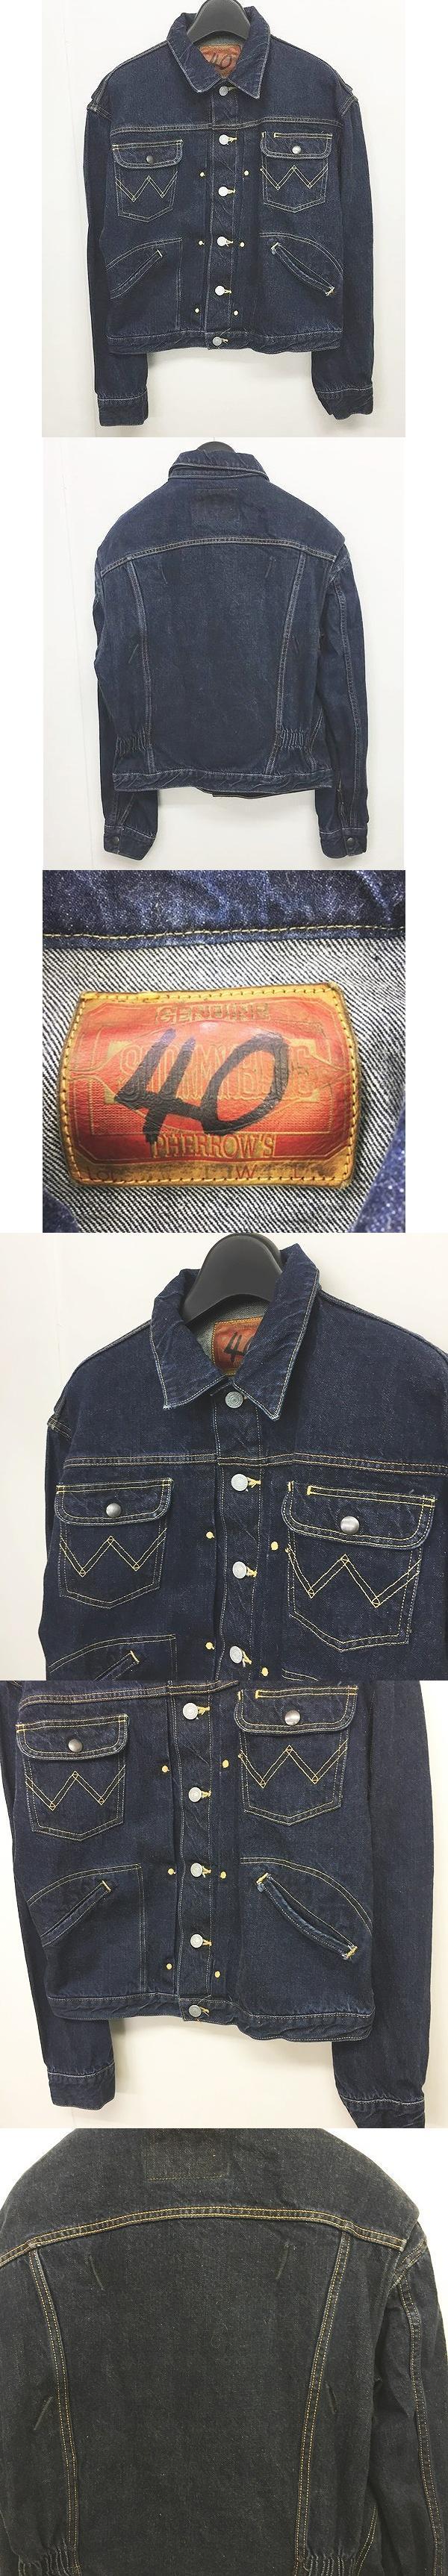 STORMY BLUE Gジャン デニムジャケット ブルゾン青 インディゴ ブルー 40 IBS13 0421